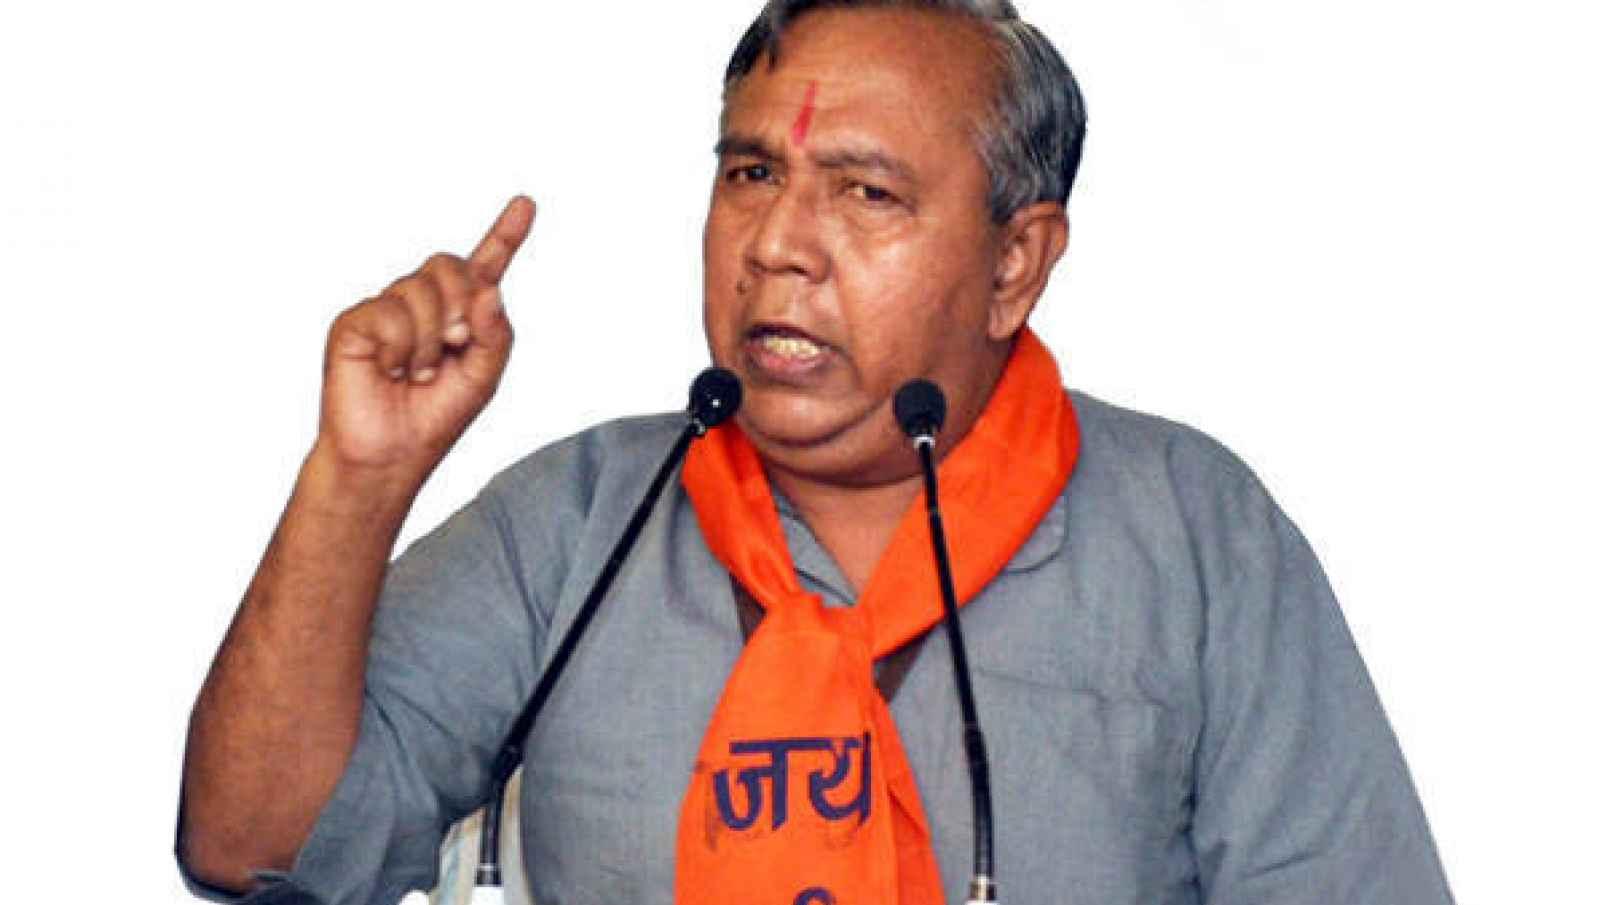 കാന്സാസ് വെടിവെപ്പ്: വിവാദ പരാമര്ശവുമായി തപന് ഘോഷ്; 'ഇന്ത്യക്കാര് നെറ്റിയില് തിലകം ചാര്ത്തണം'